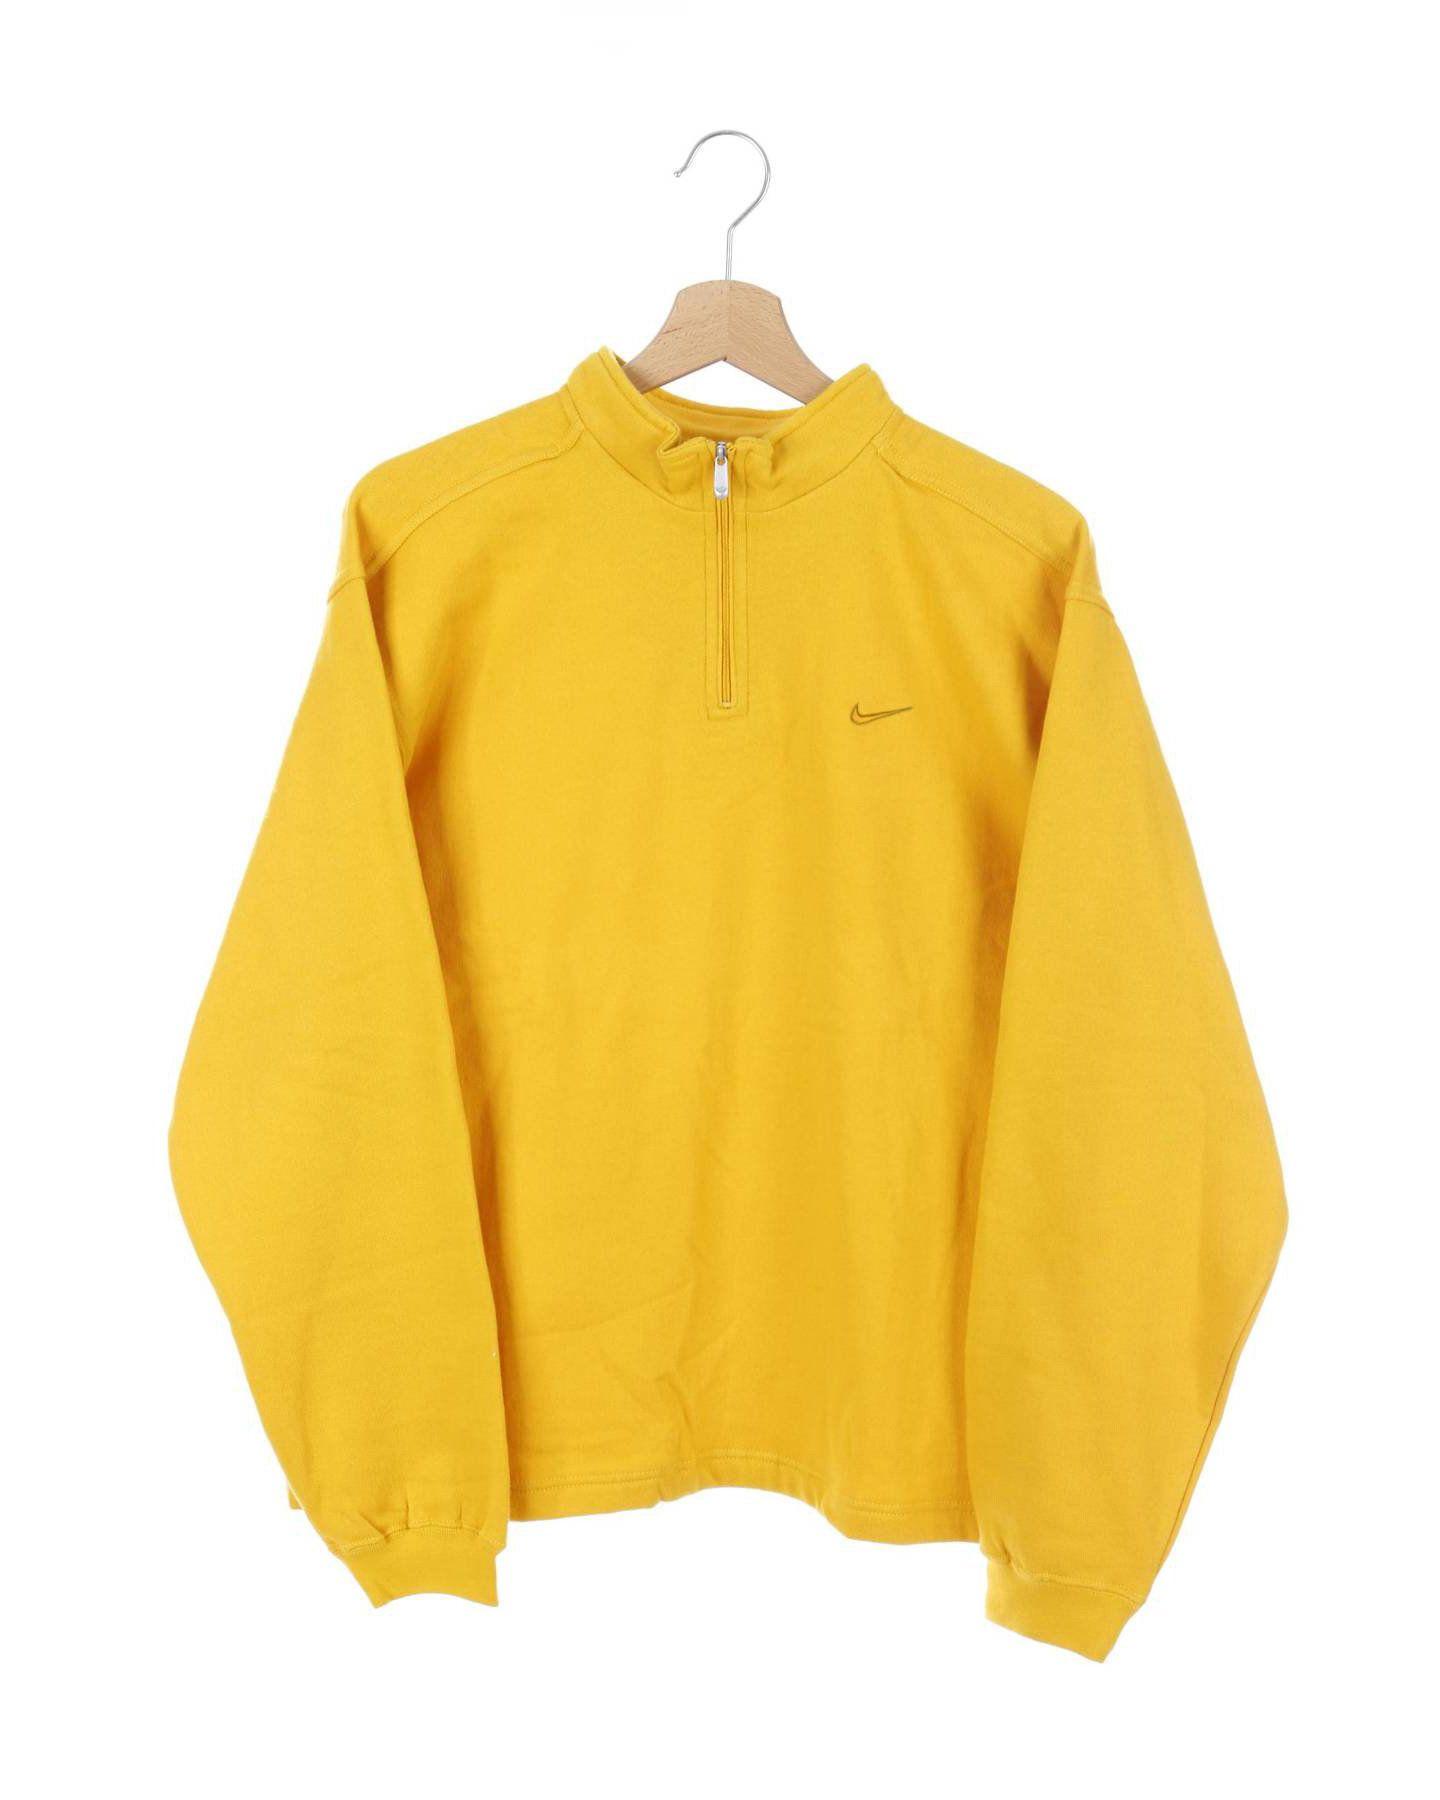 Vintage 90s Nike Small Swoosh Sweatshirt Yellow Size S Yellow Sweatshirt Sweatshirts Nike Windbreaker Jacket [ 1800 x 1440 Pixel ]